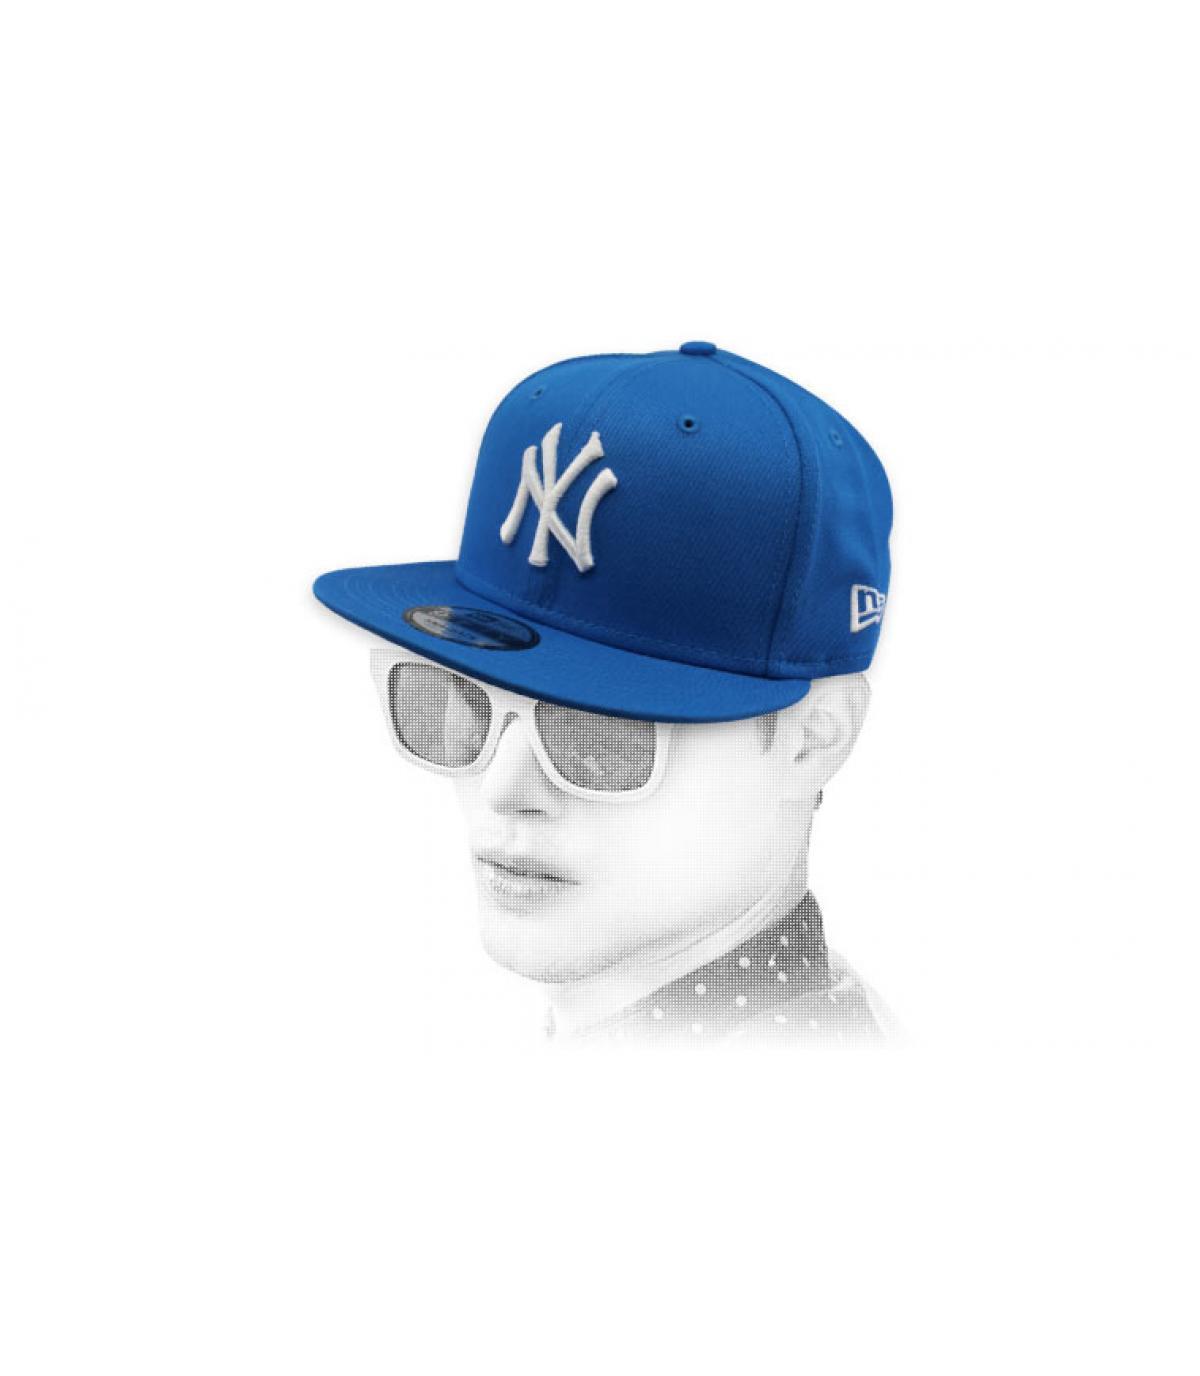 blue white NY snapback cap